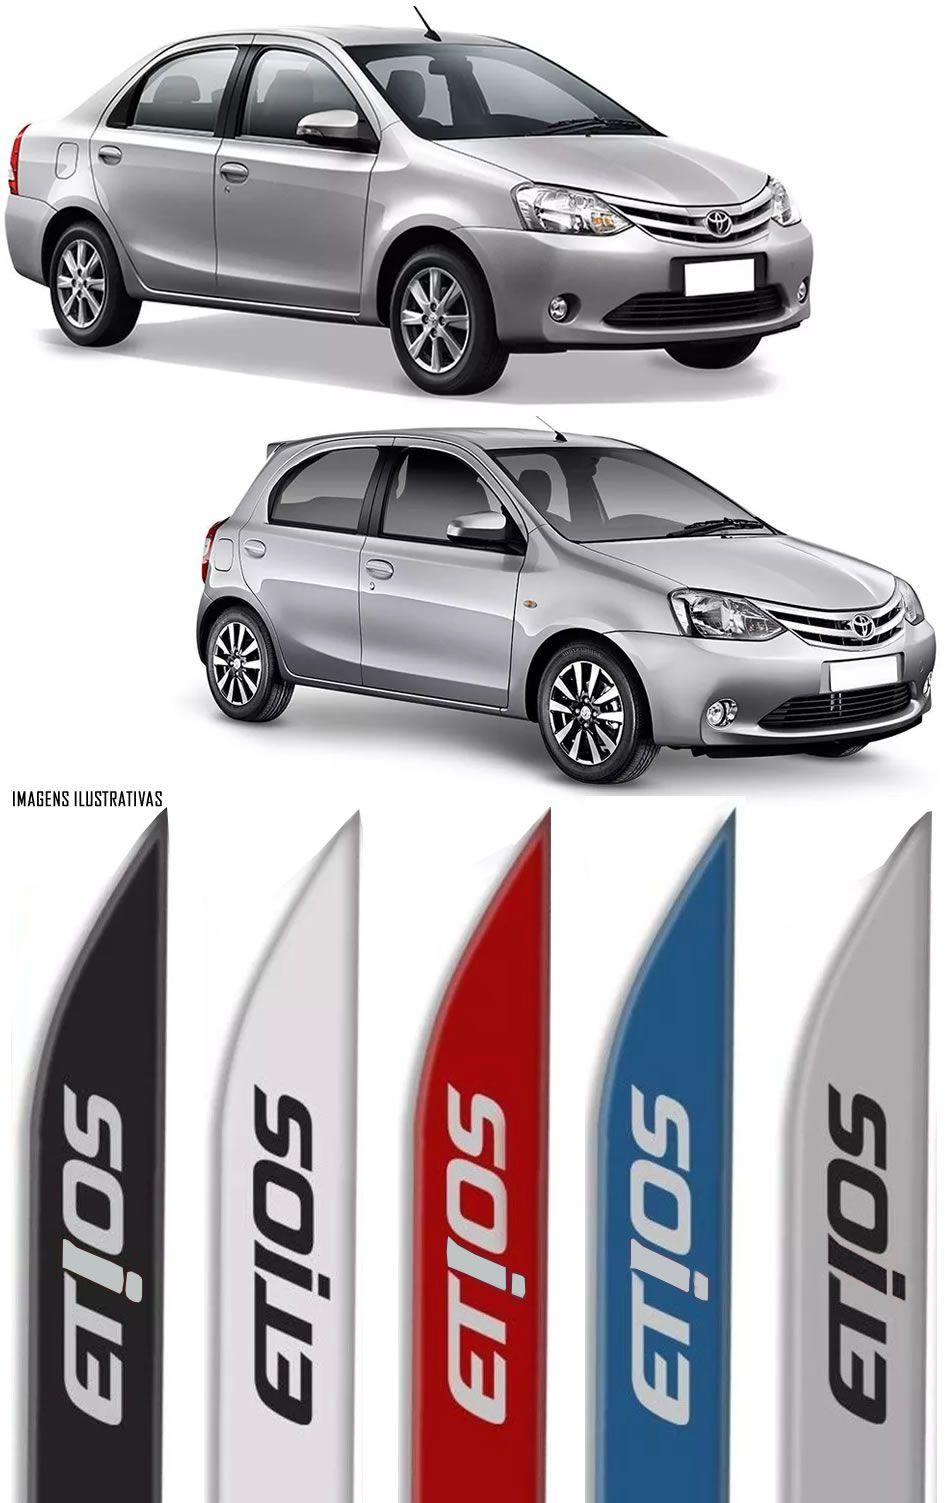 Jogo Friso Lateral Pintado Toyota Etios Hatch e Sedan 2012 2013 2014 2015 2016 2017 2018 - Cor Original